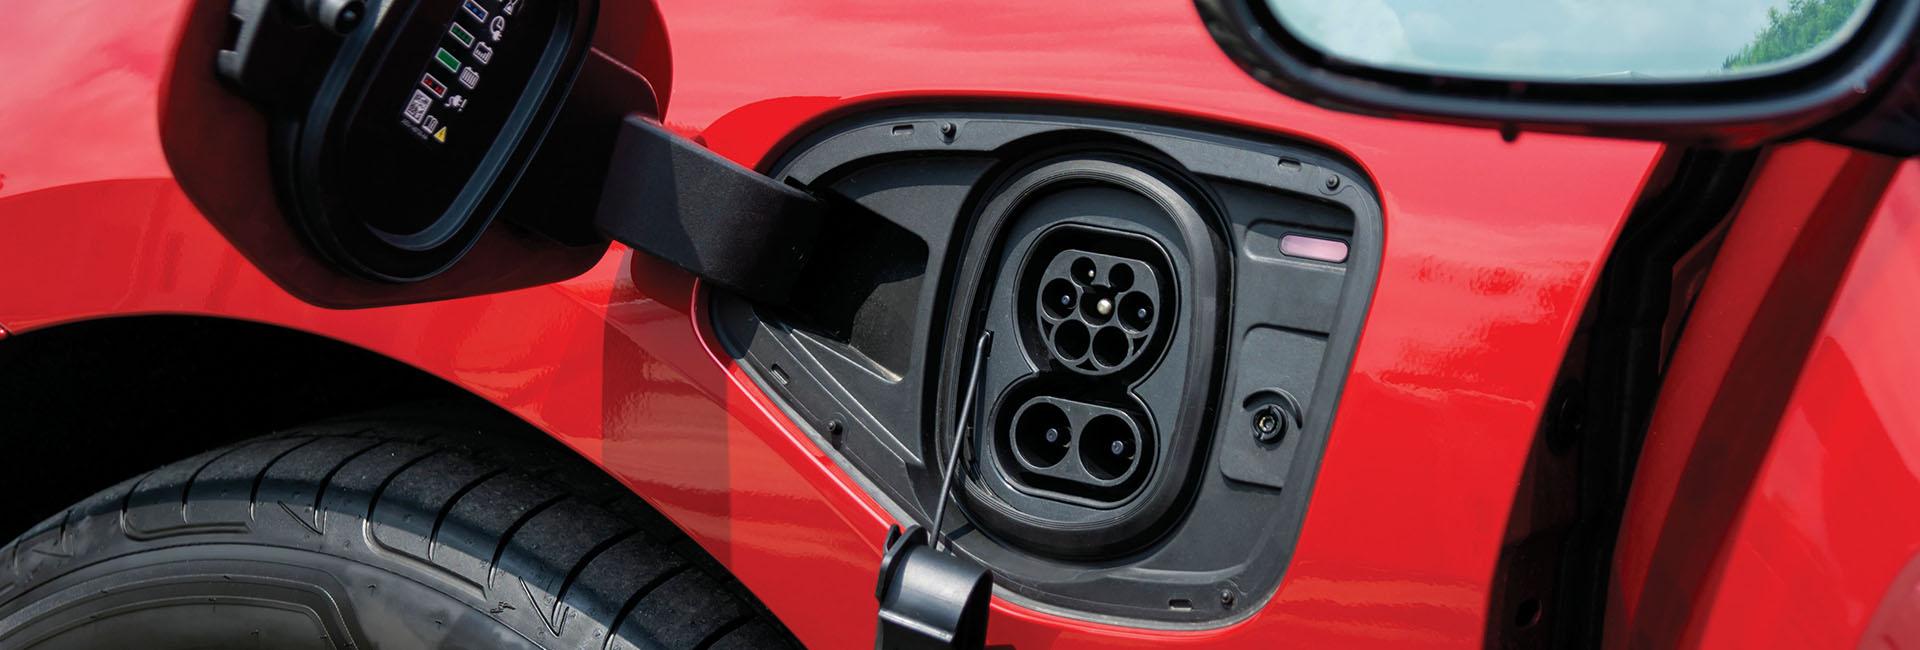 A legbrutálisabb dolog az elektromos autózásban